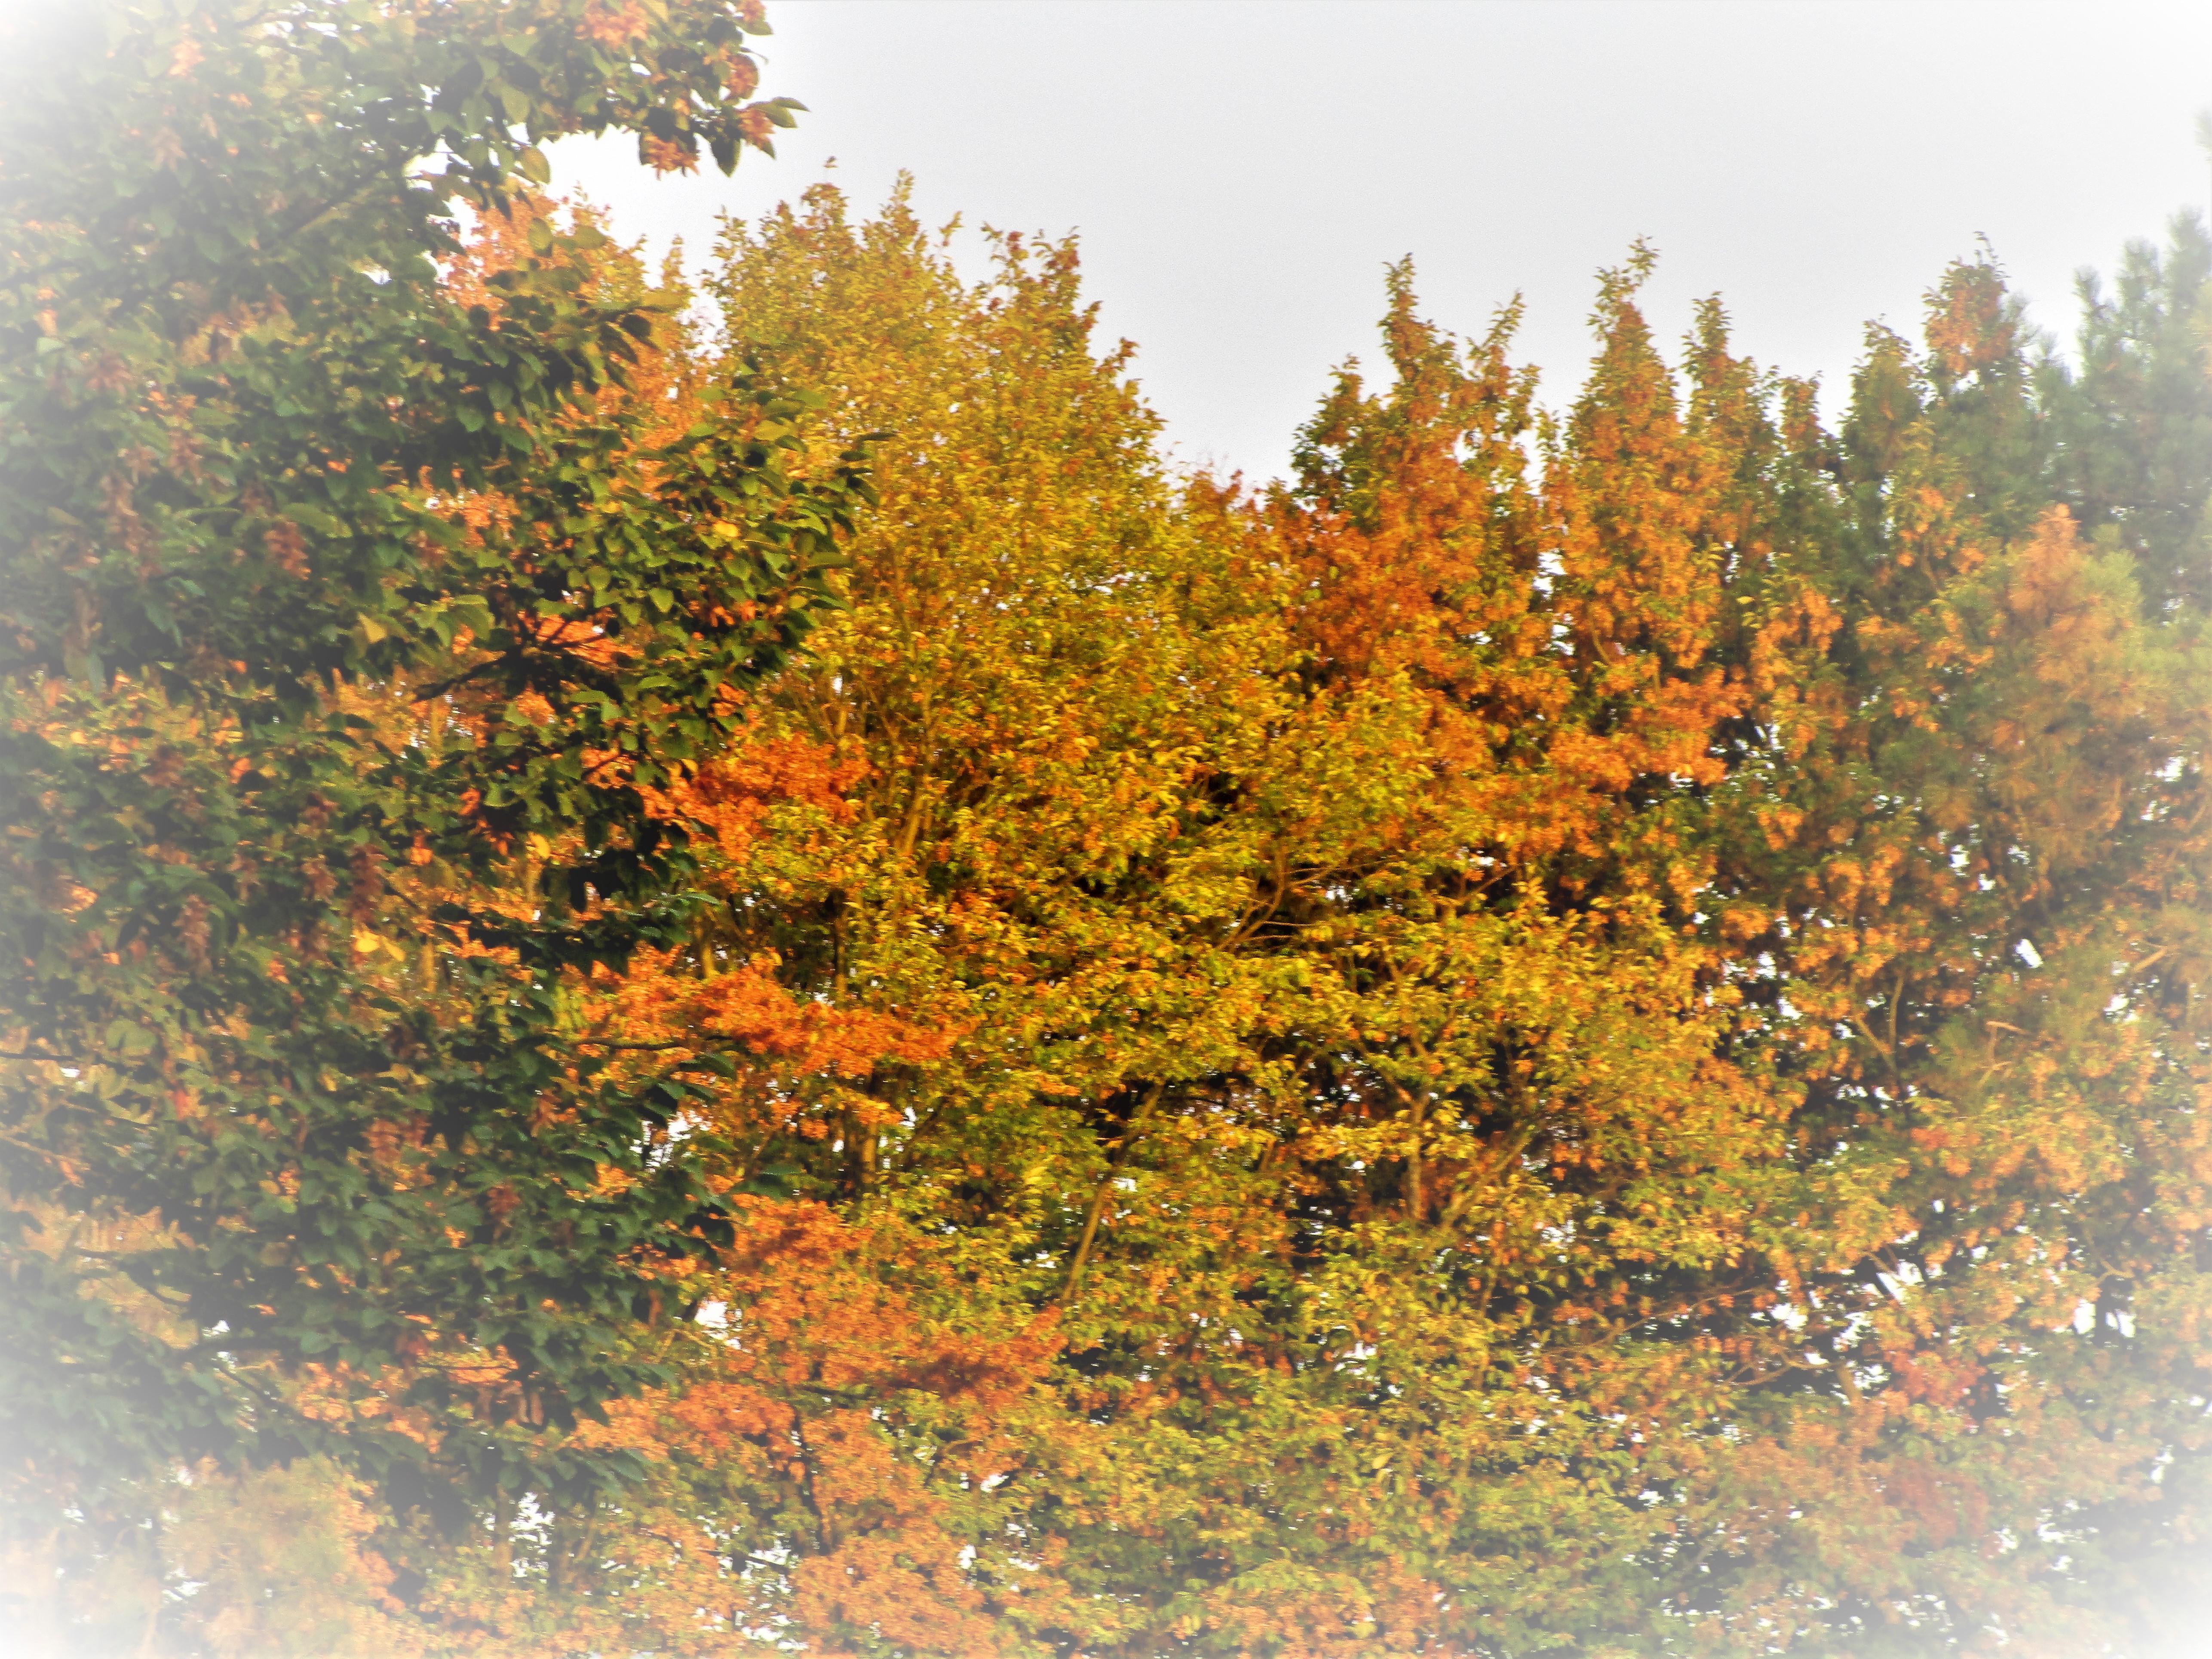 Guten Morgen Ihr Lieben Was Inspiriert Euch Im Herbst